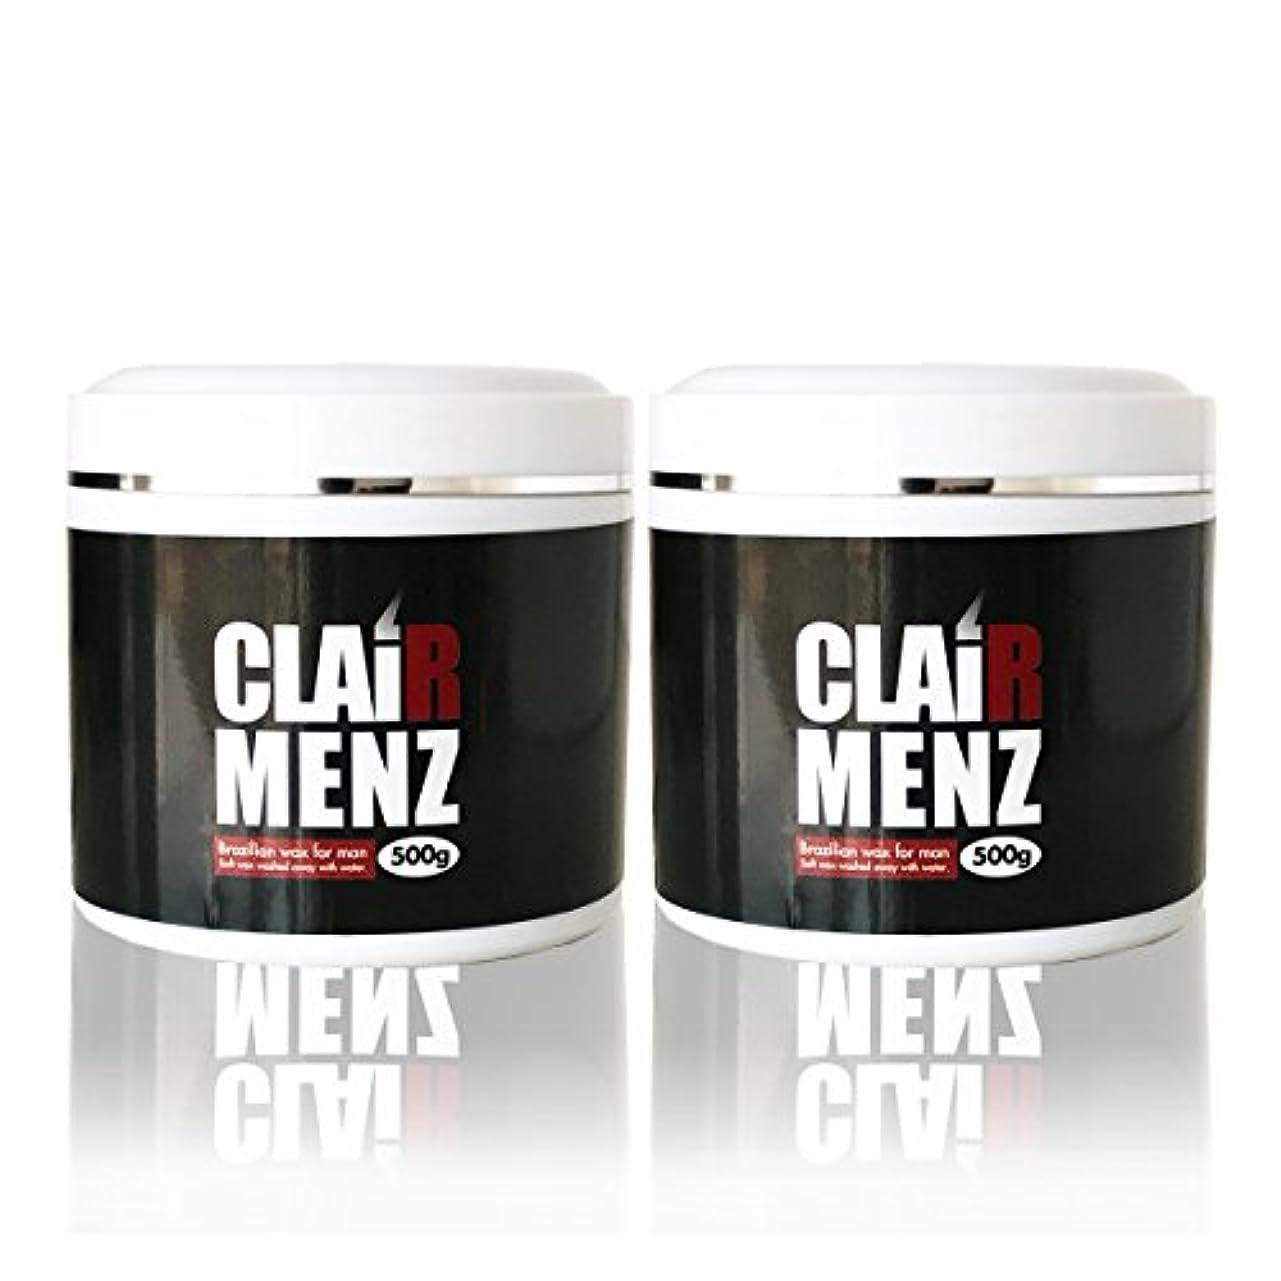 マーチャンダイジング所属モーターブラジリアンワックス メンズ専用 clair Menz wax 500g (単品2個セット) メンズ脱毛専用ラベル 無添加ワックス 脱毛